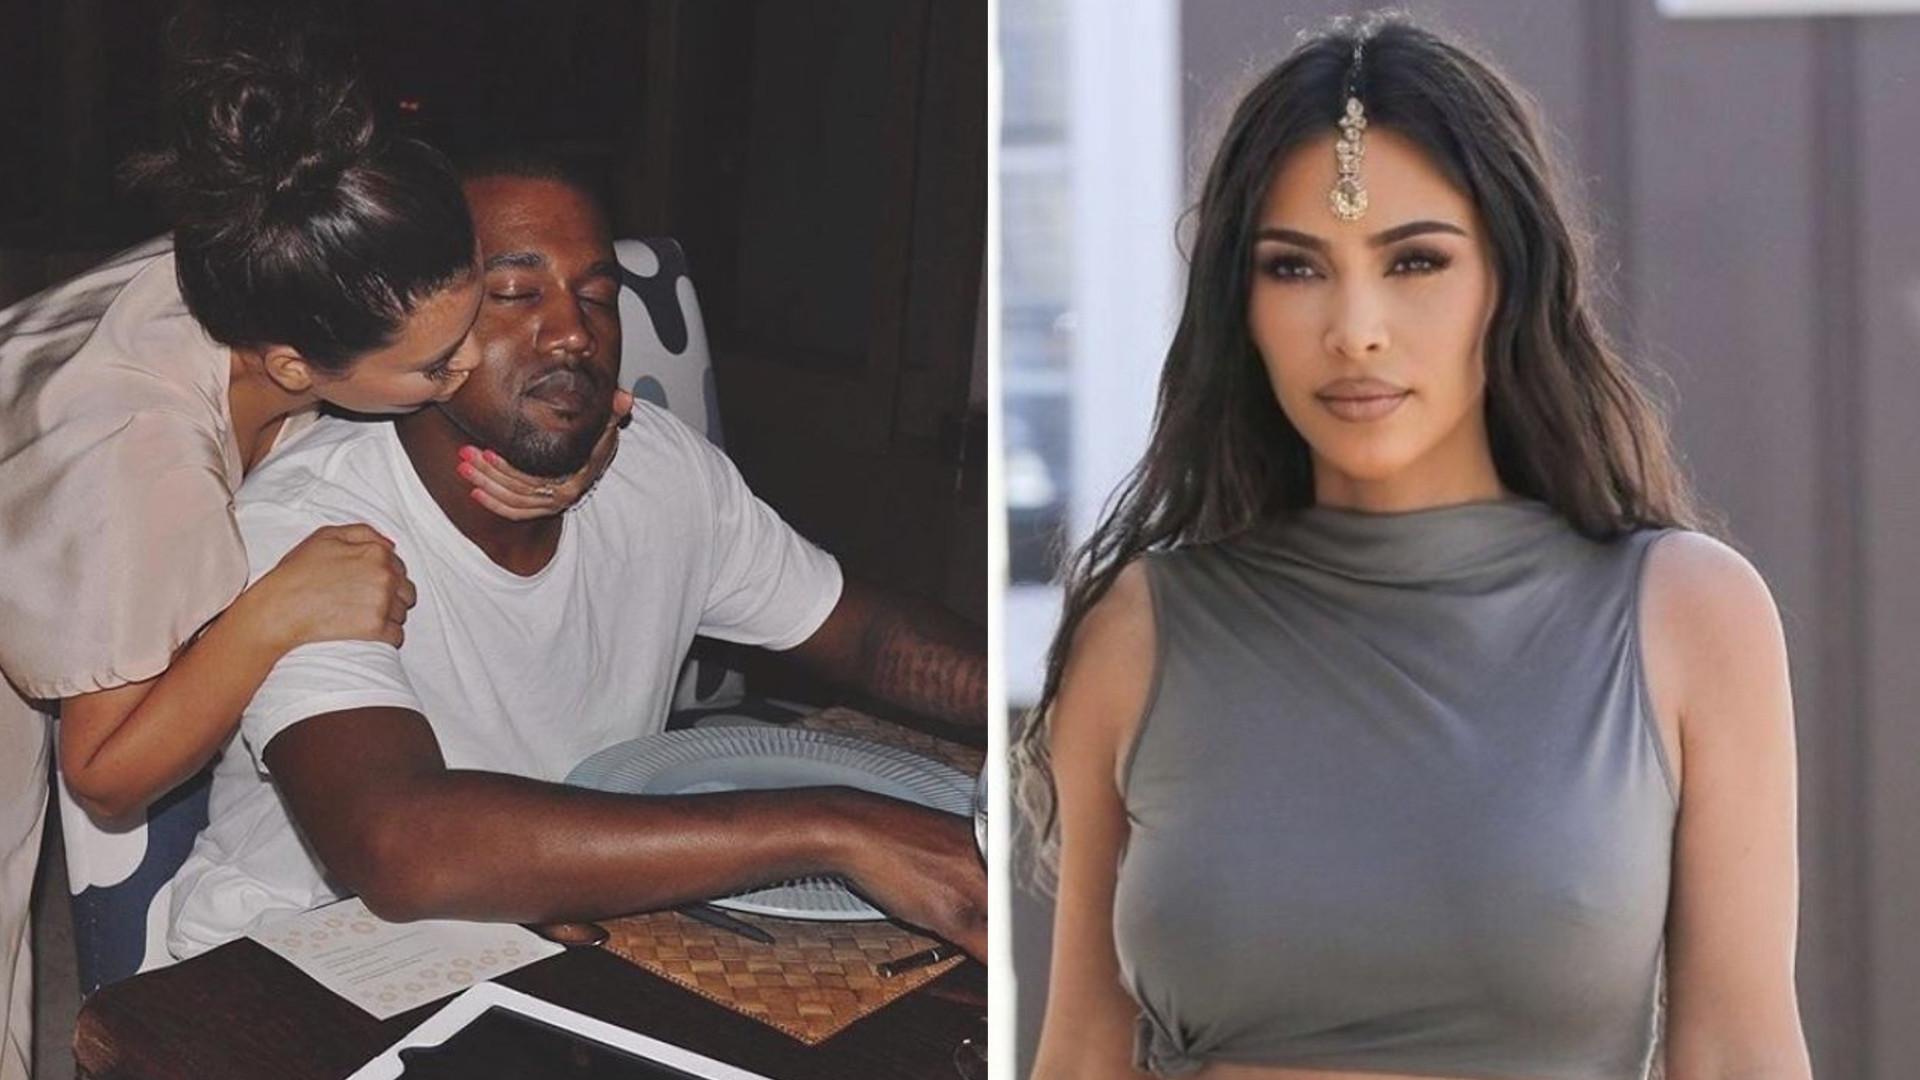 Kim Kardashian udostępniła PIERWSZE zdjęcie z Kanye od czasu plotek o rozwodzie. Szczęśliwa rodzina?